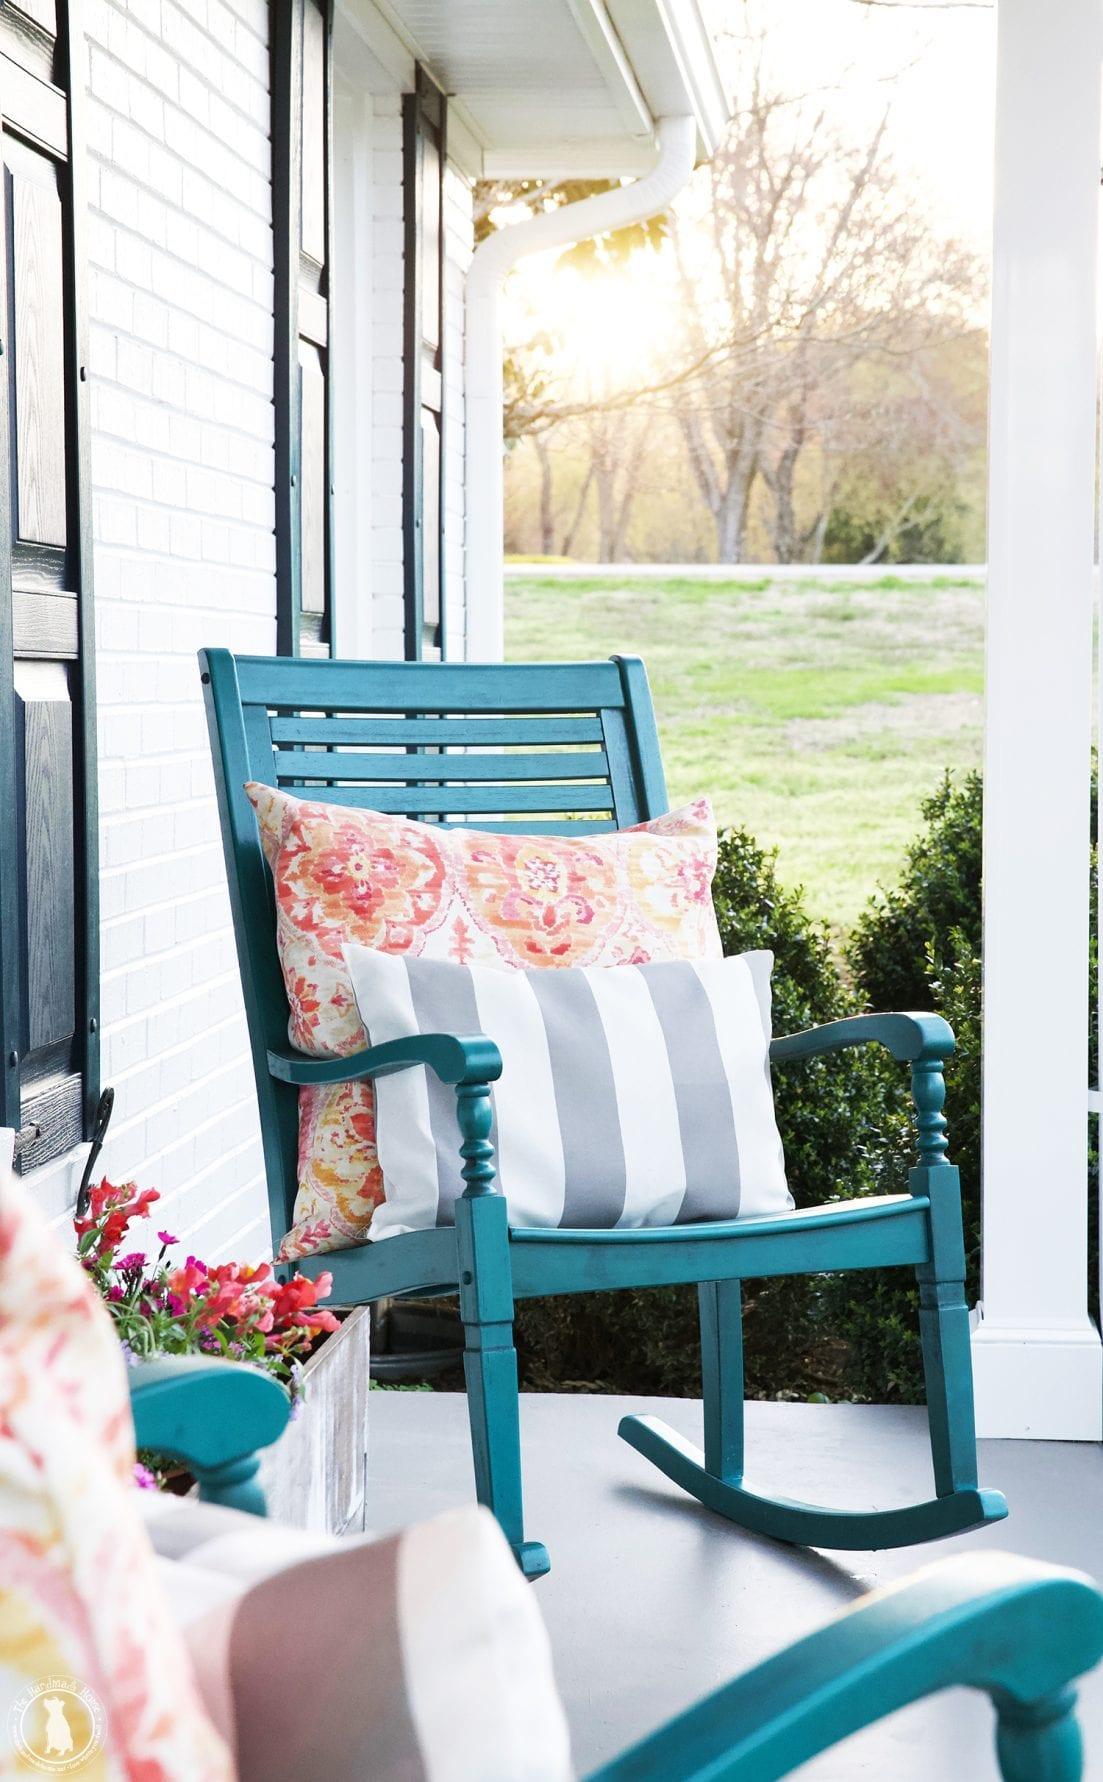 Chaises à bascule de porche rural lumineux